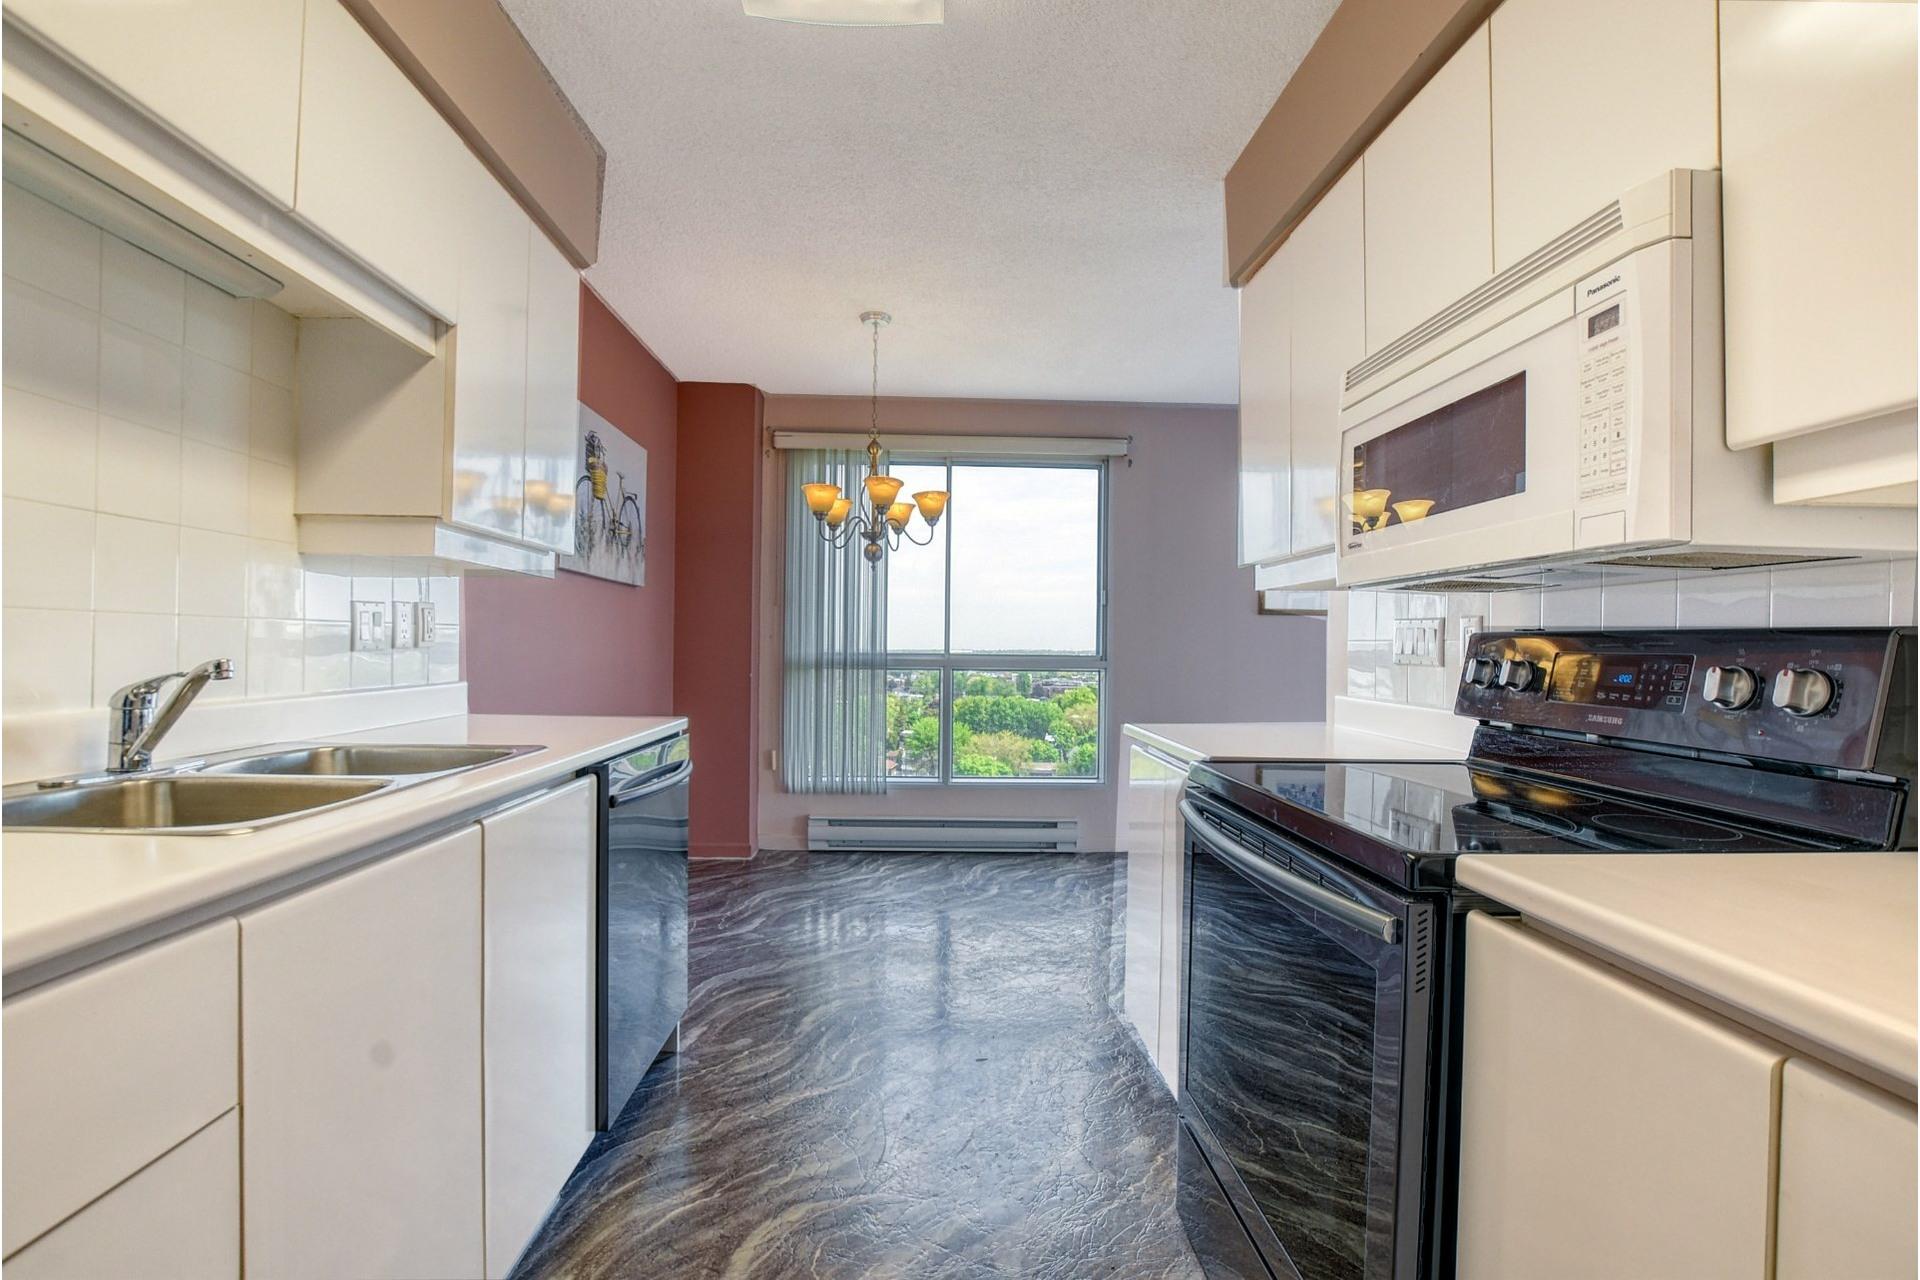 image 8 - Appartement À vendre Montréal-Nord Montréal  - 5 pièces